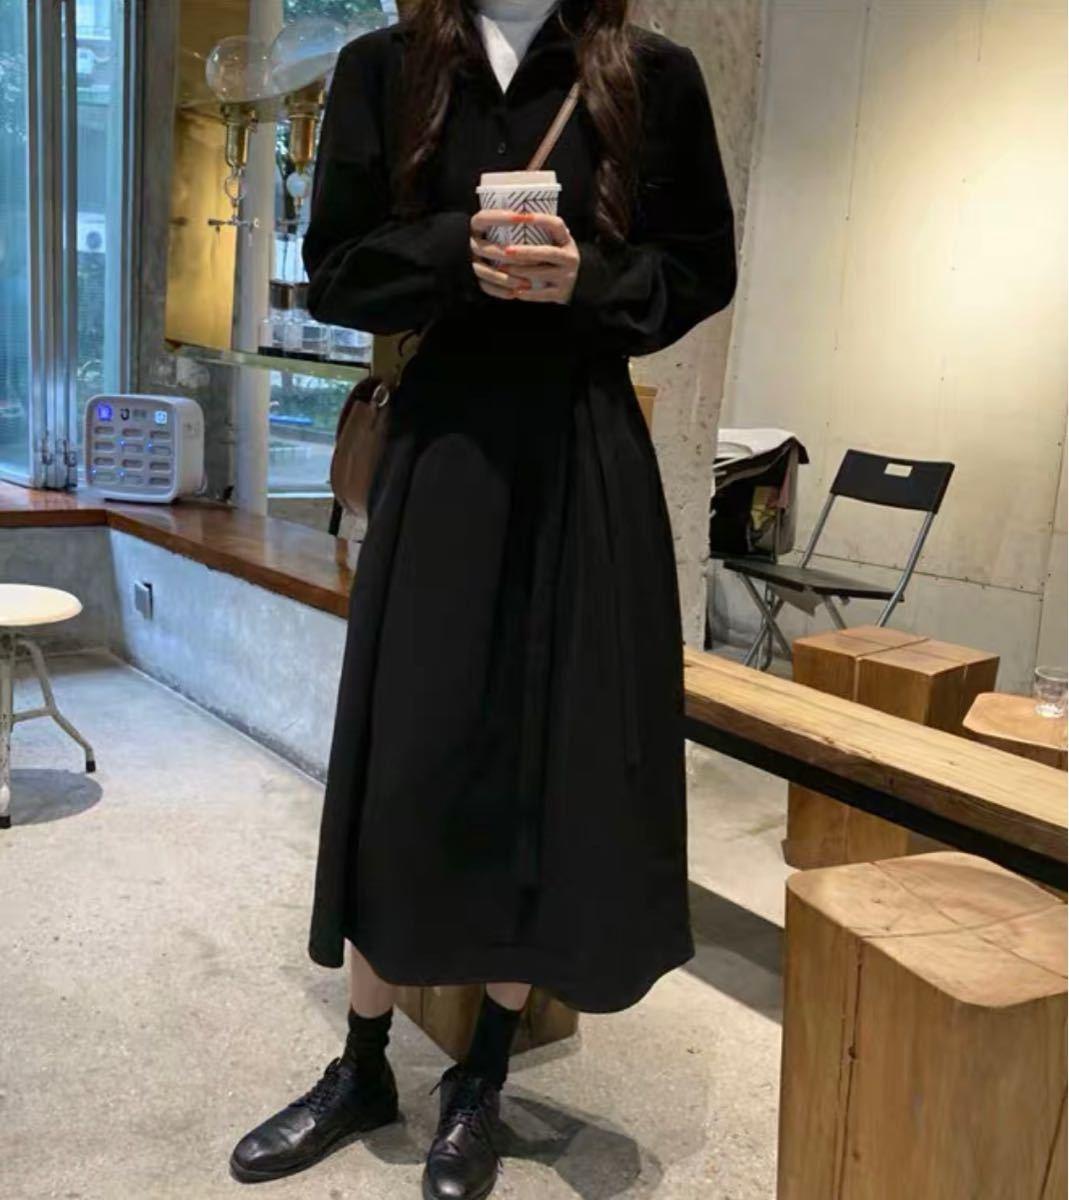 シャツワンピース オーバーサイズ 抜き襟 ロング シャツワンピ ブラック